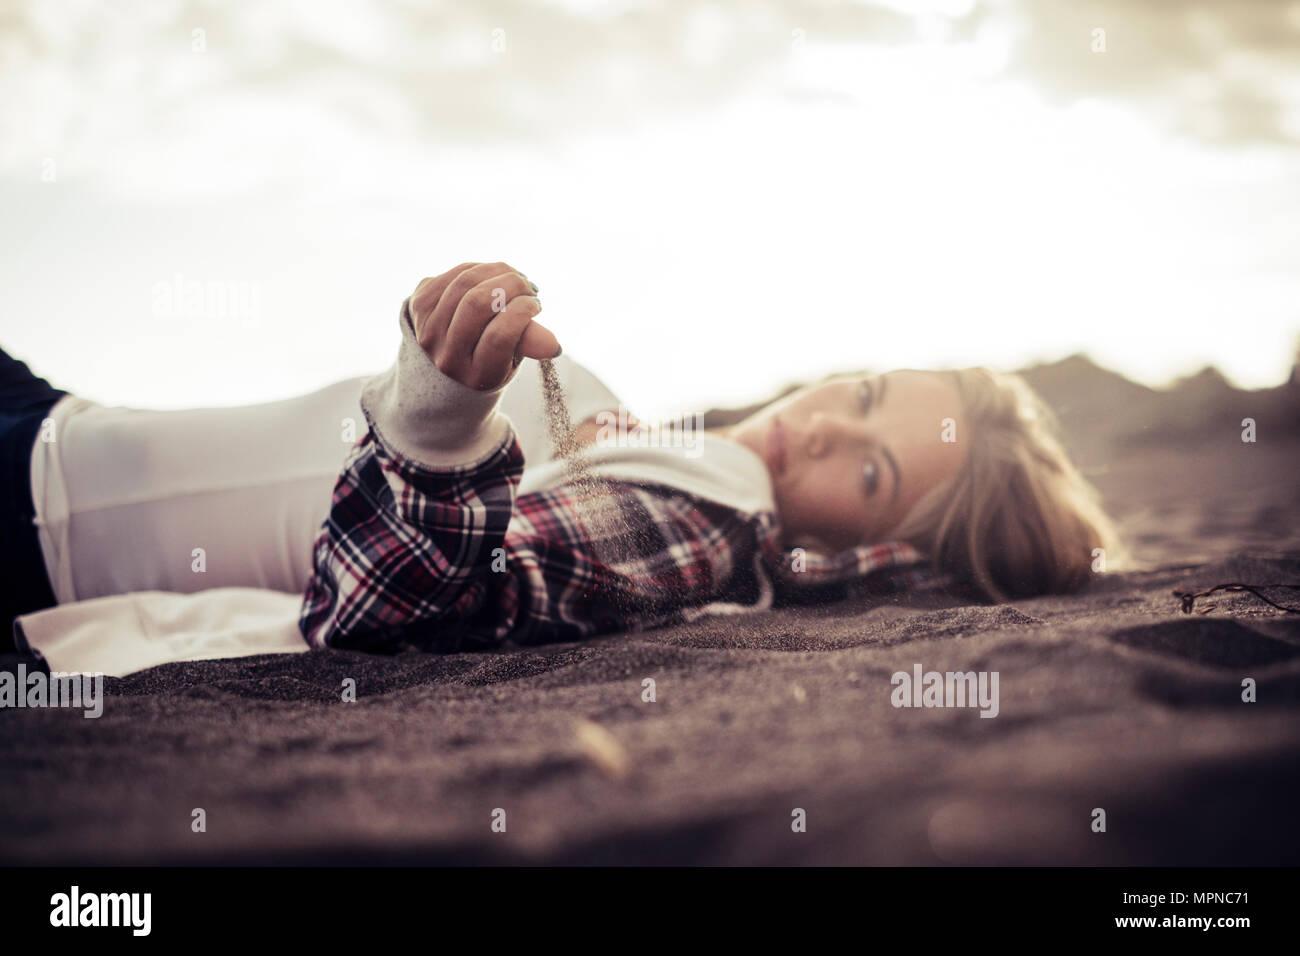 Carino giovane donna riposo in spiaggia con sabbia caduta dalla sua mano. Libertà e wanderlust concetto in vacanza Immagini Stock